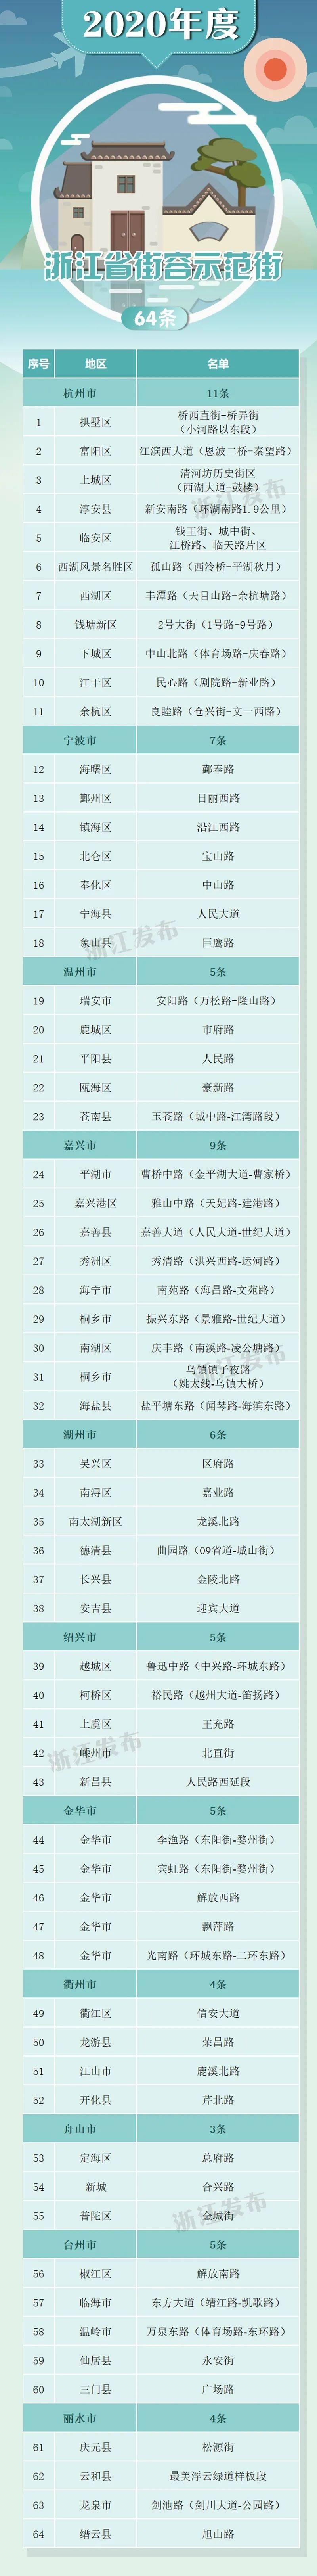 嘉兴这些地方上榜!浙江新一批园林式居住区、优质公园、示范路和示范街名单出炉